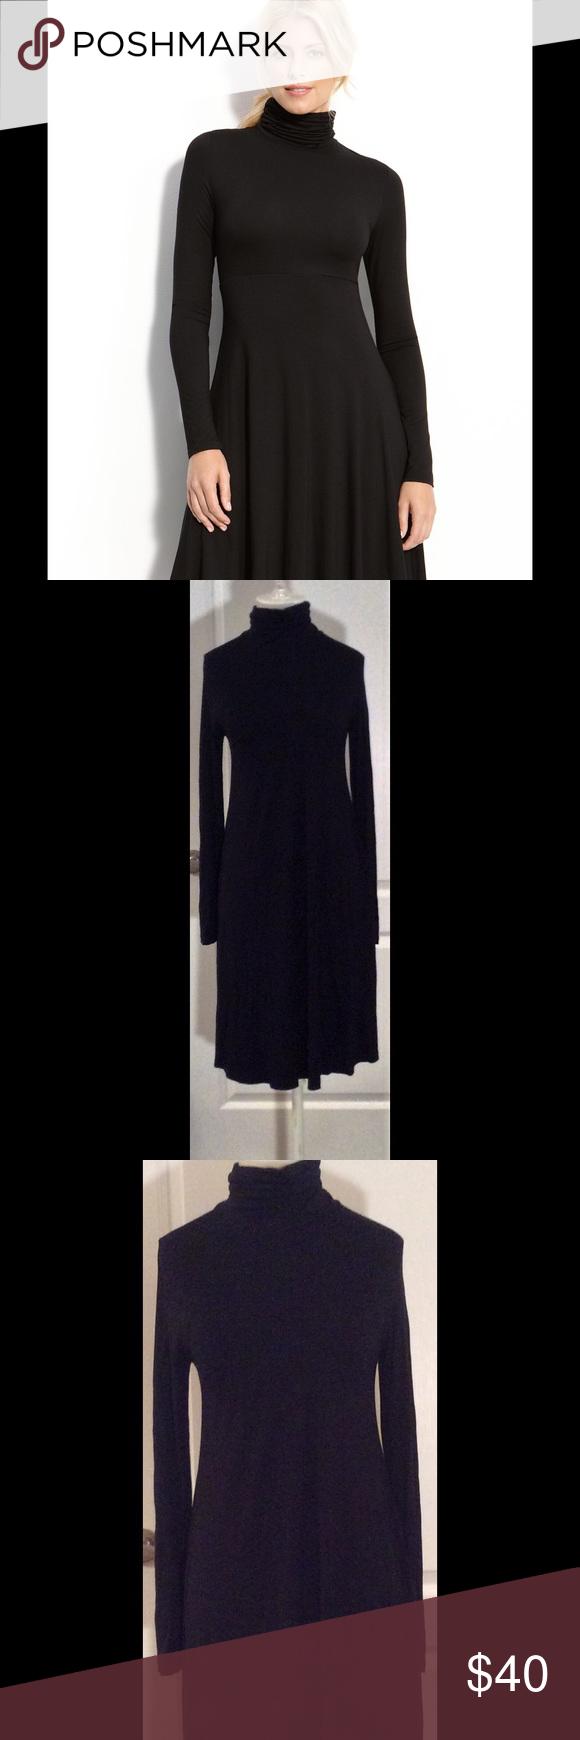 Karen kane black longsleeved turtleneck dress formflattering black